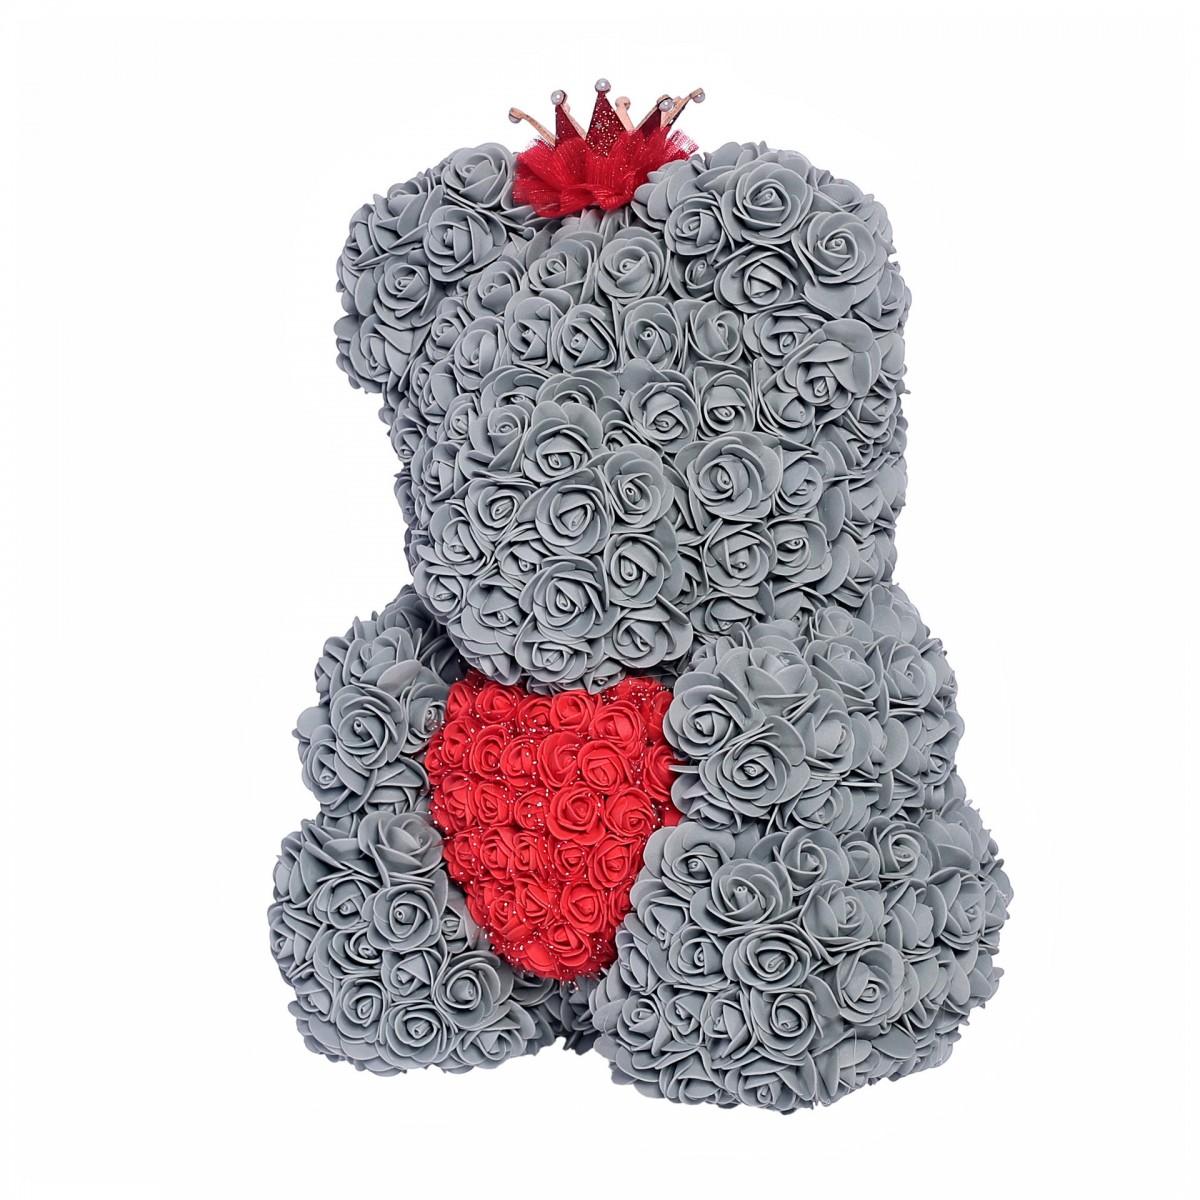 Teddy Rose Princess със сърце и корона (сребро) мече от рози